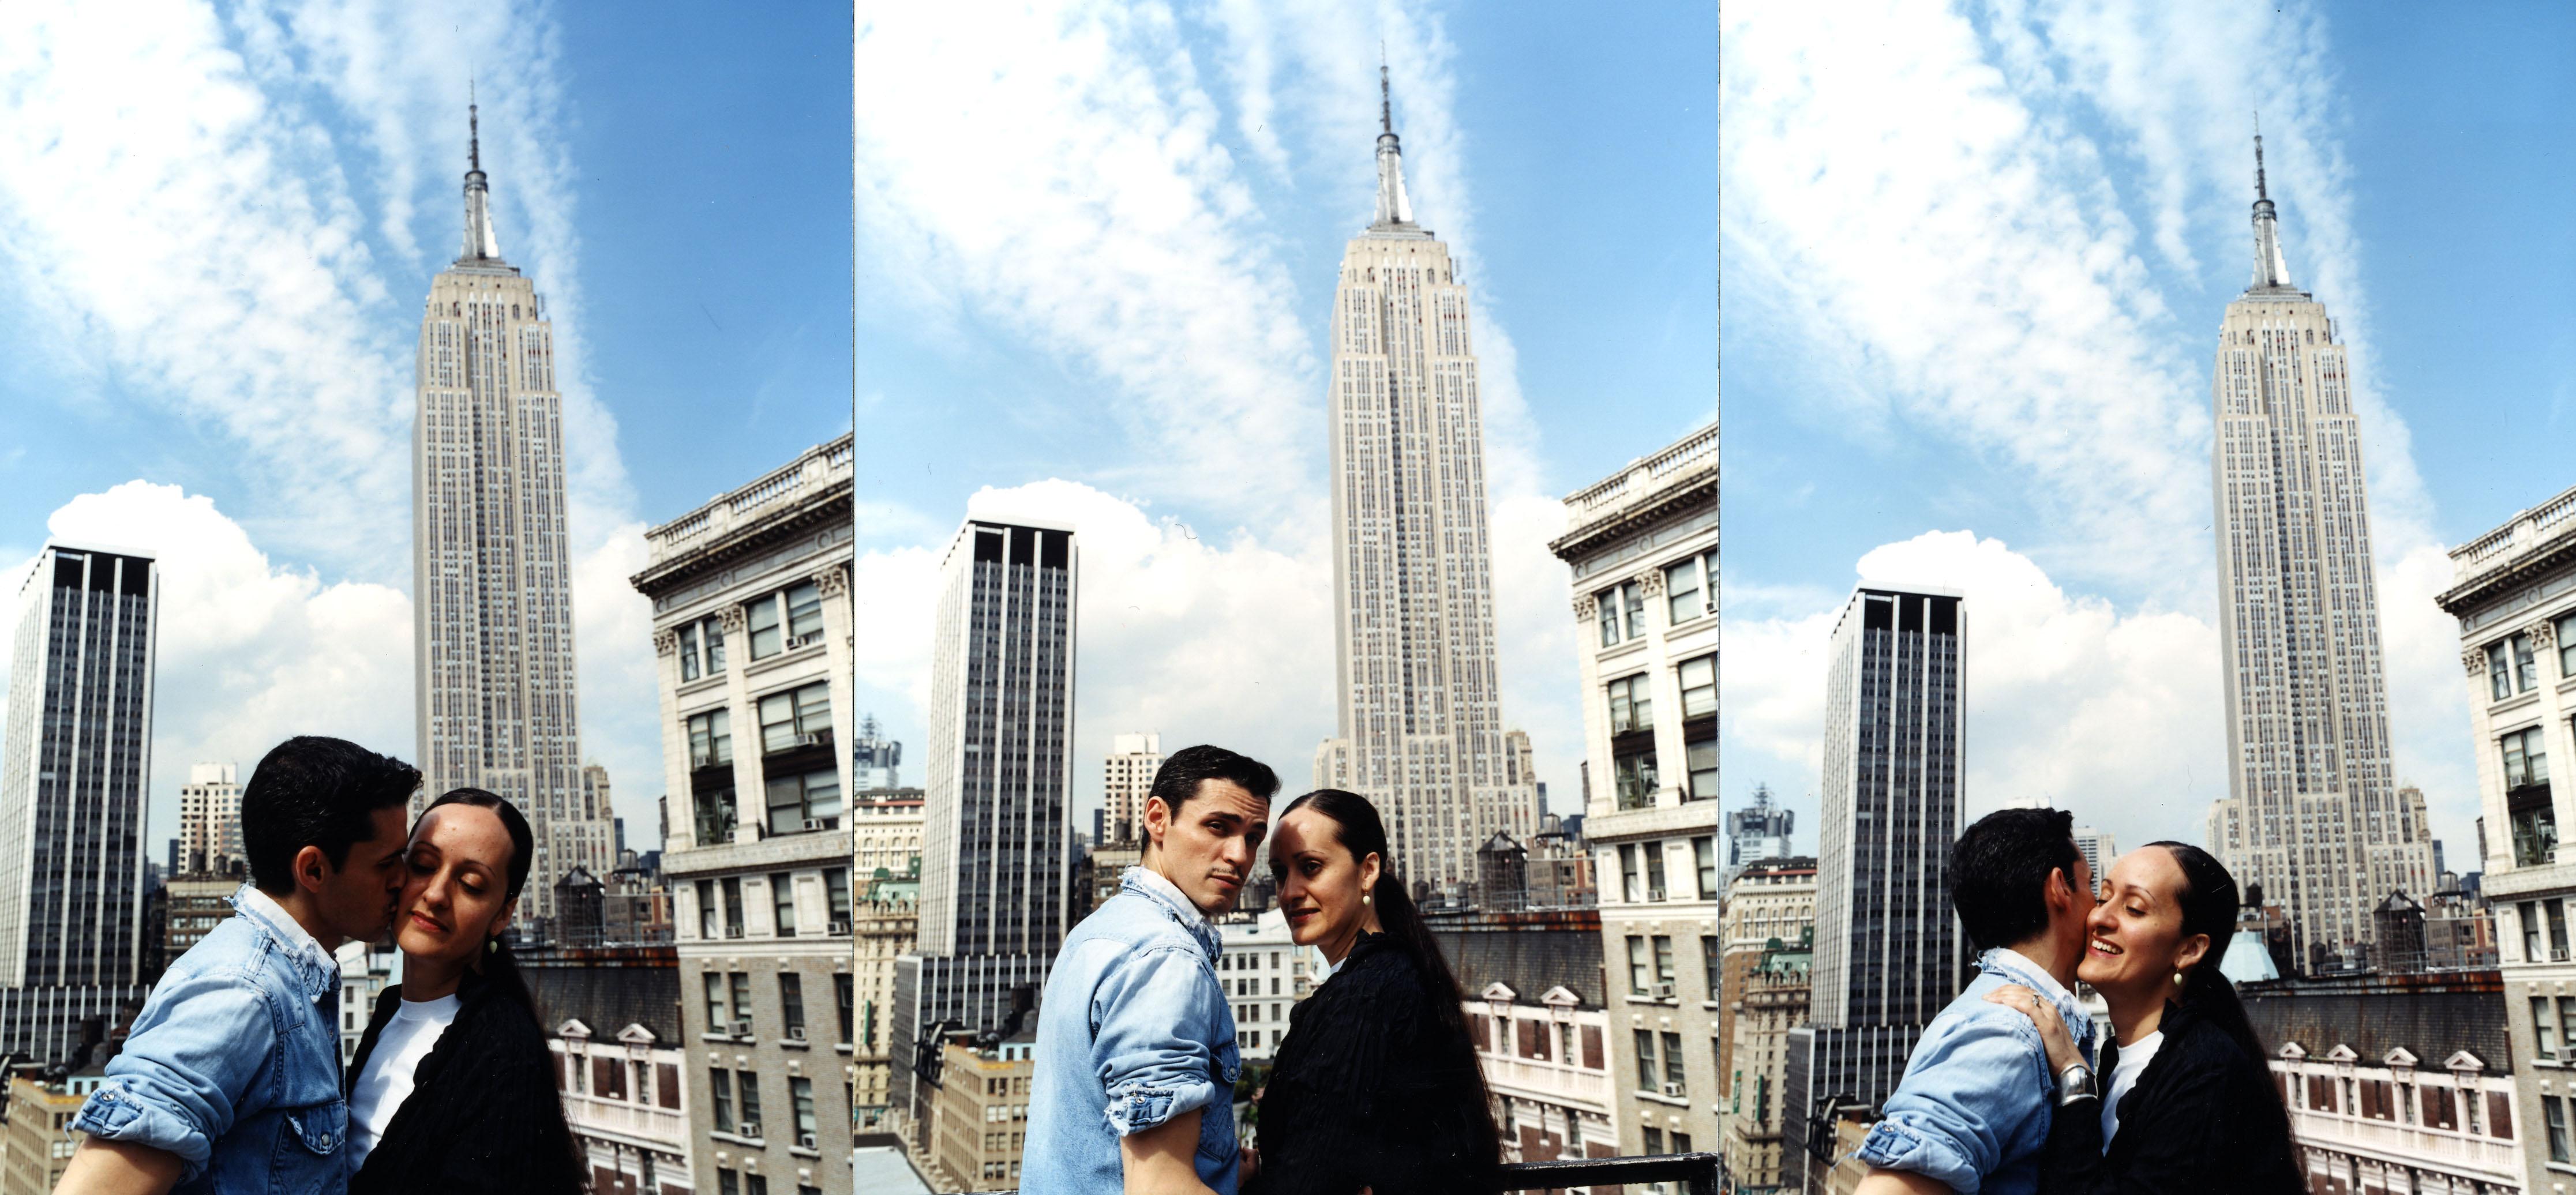 """""""La vida es una danza"""", dijo en entrevista con Magacín en el 2011, """"Cuando escoges un compañero, siente la música, no trates de anticipar los pasos, entrégate a tu instinto y tú misma te sorprenderás. Esa es la receta segura para el amor"""". (Foto: New York Kiss, de Randall Bachner)"""